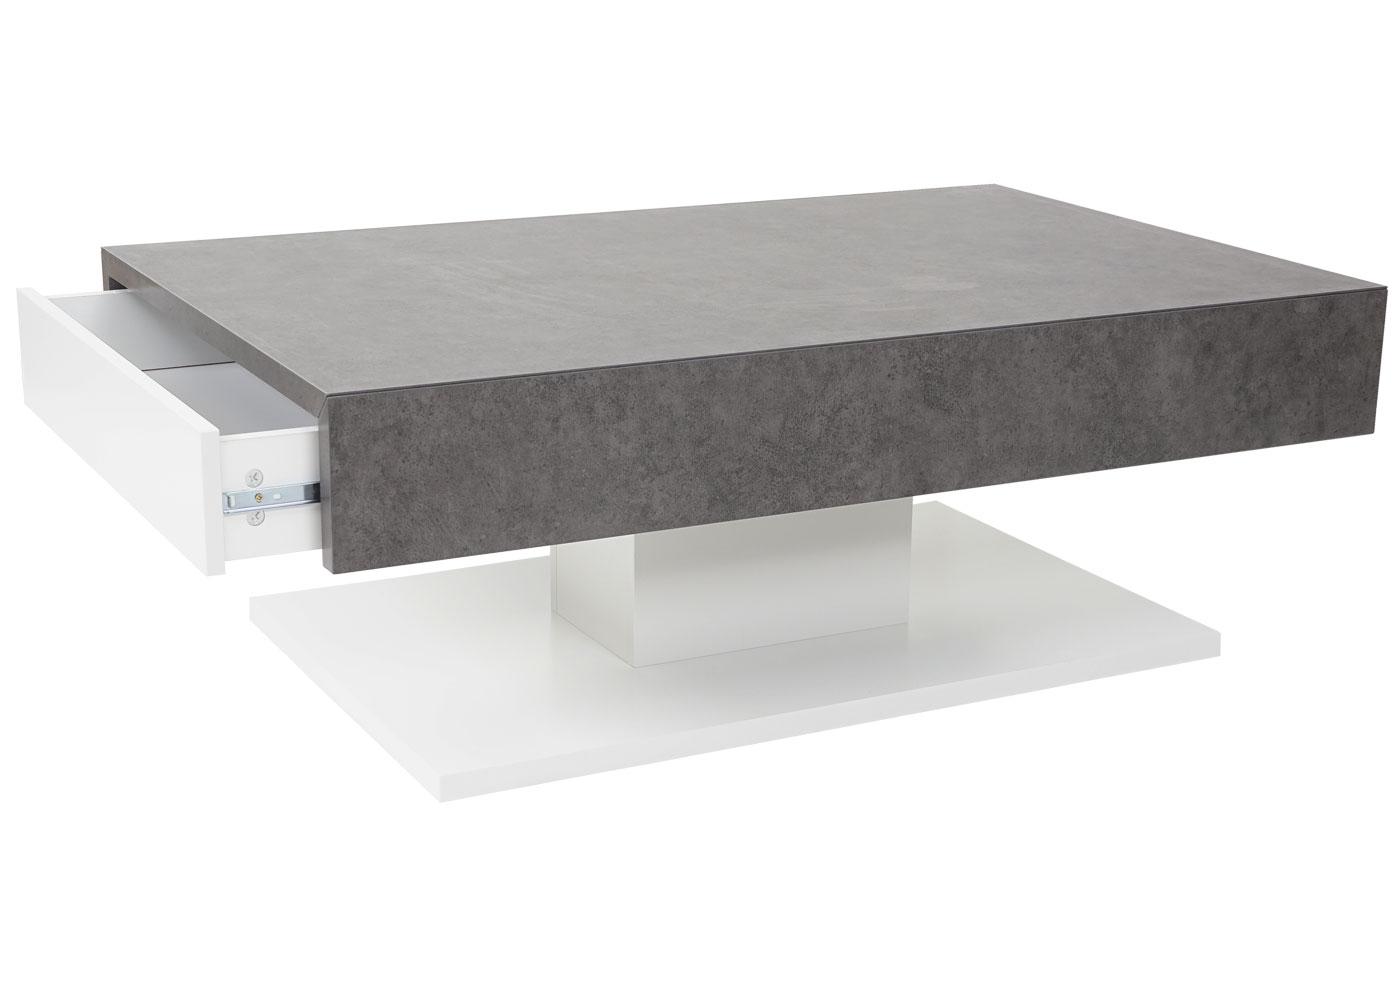 mca couchtisch hwc a26 wohnzimmertisch beton optik 56989 4057651171203 ebay. Black Bedroom Furniture Sets. Home Design Ideas